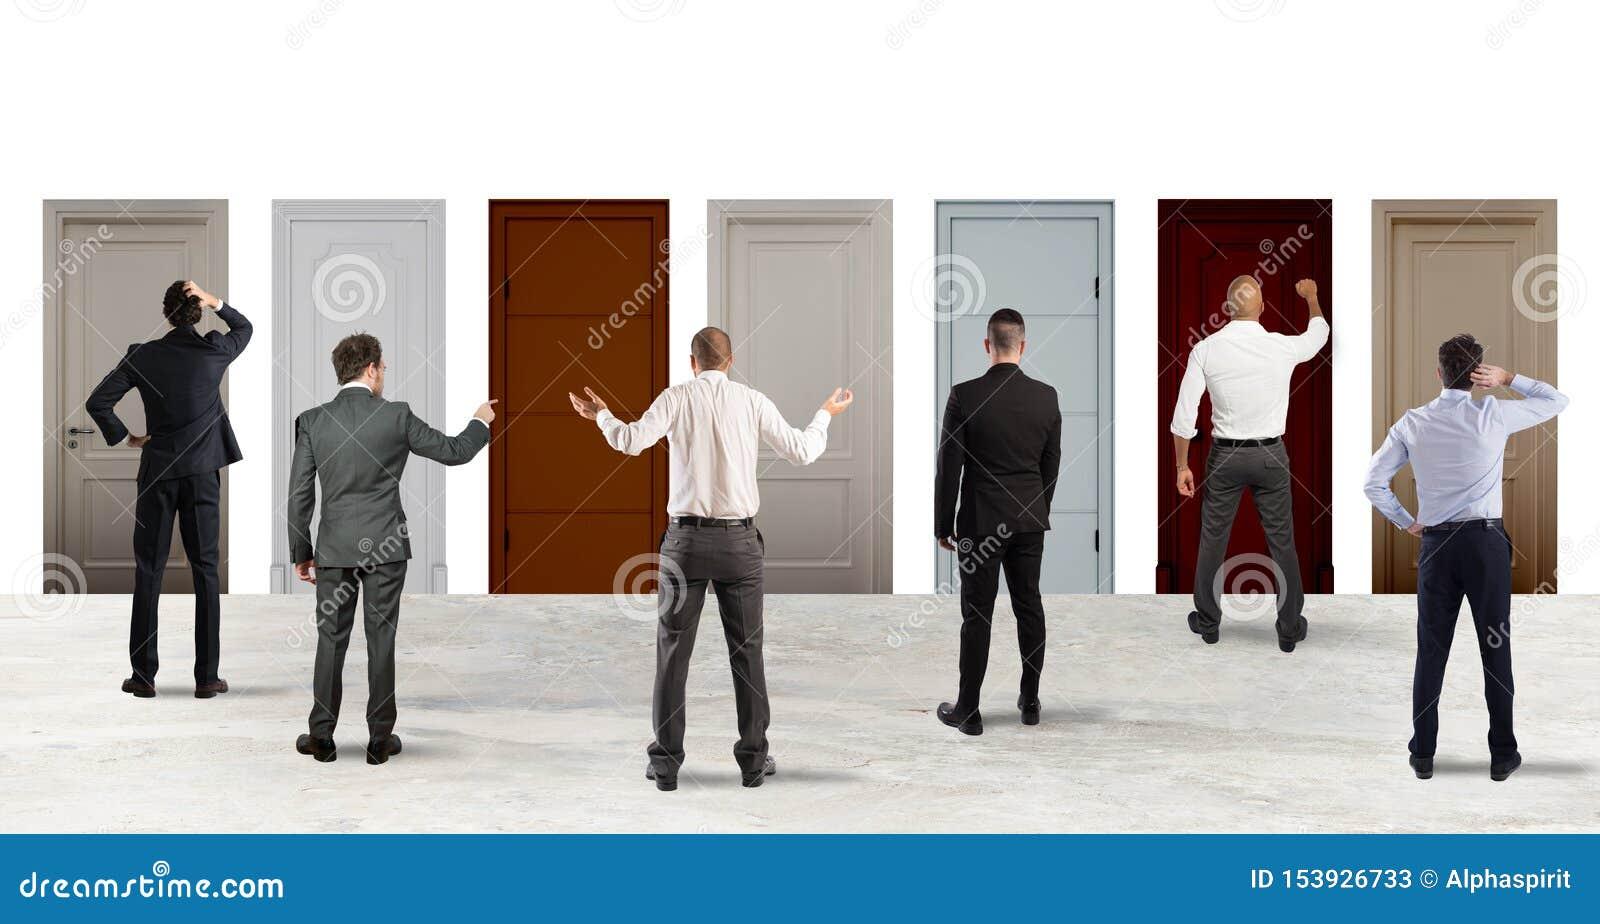 Hombres de negocios que miran para seleccionar la puerta a la derecha Concepto de confusión y de competencia